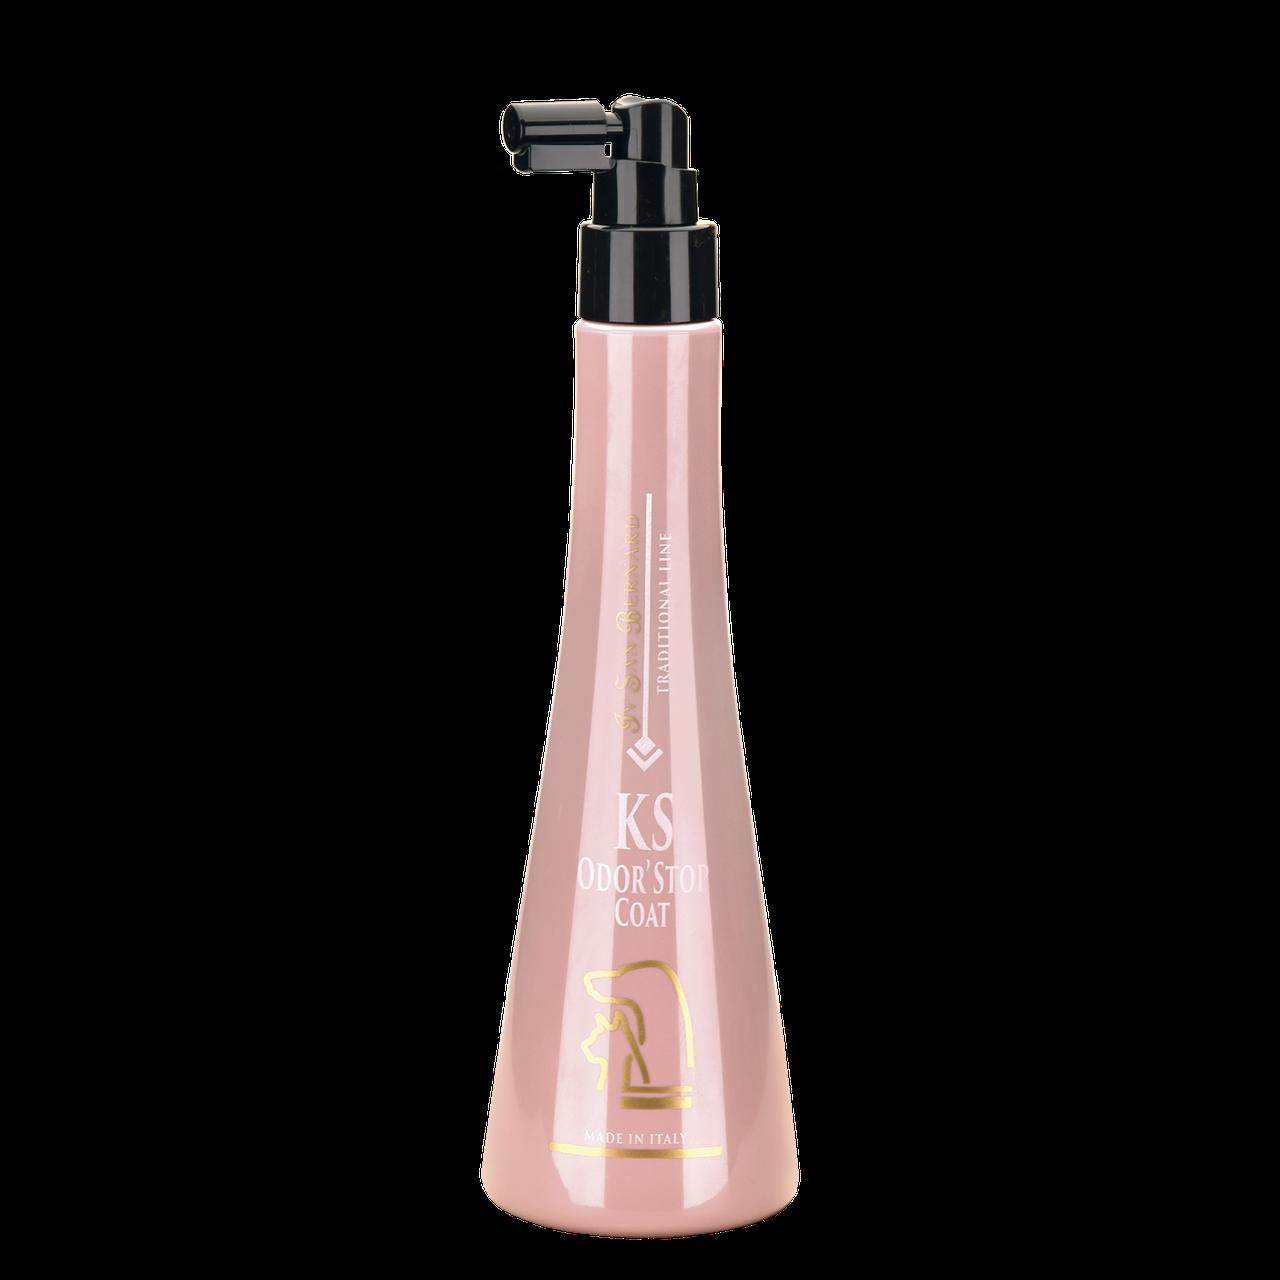 Дезодорант Iv San Bernard KS Odor'Stop Coat нейтрализует запахи с шерсти, 250мл